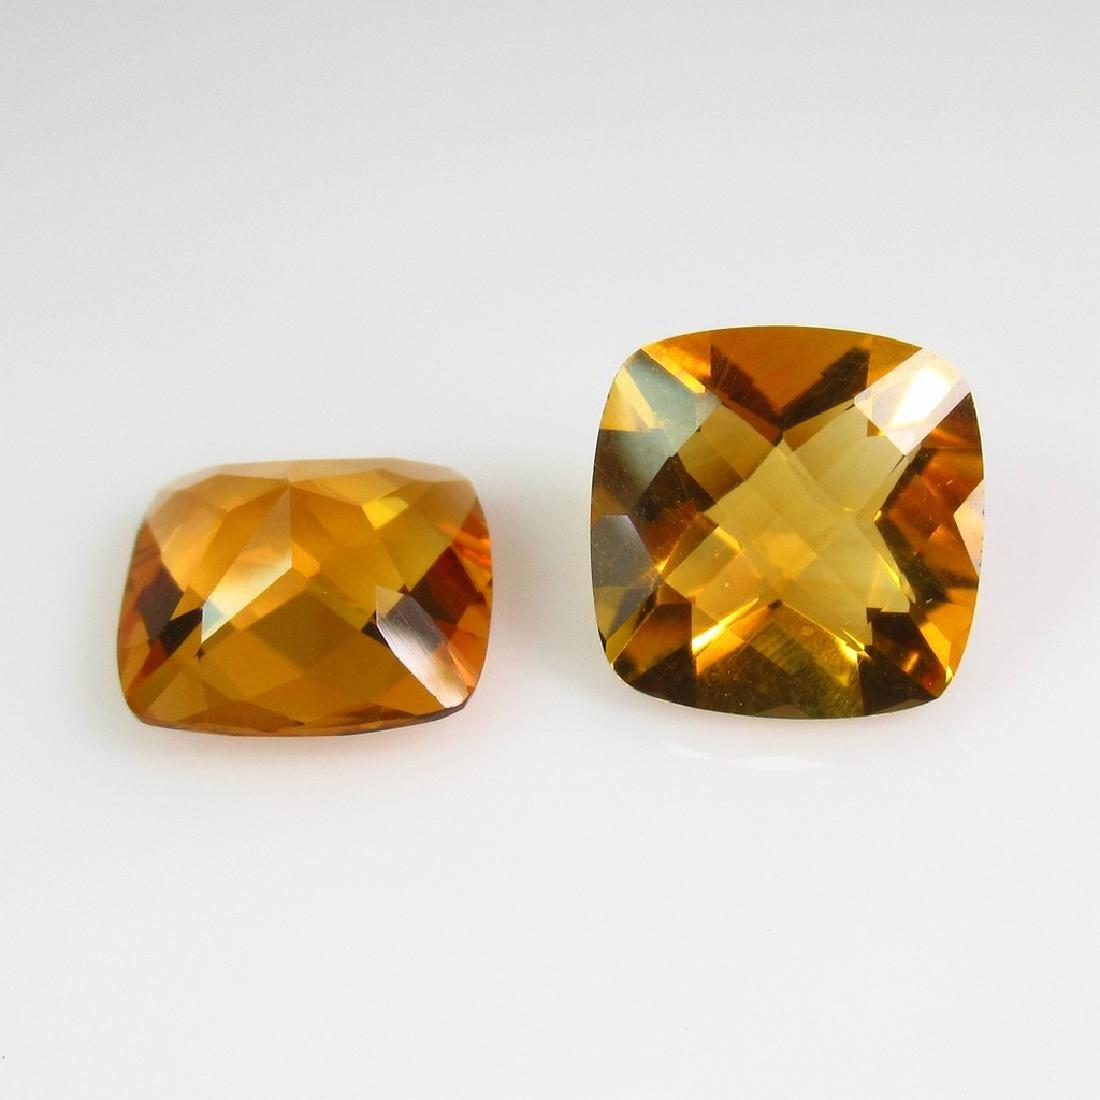 6.76 Ct Genuine Madeira Citrine Square Matching Pair